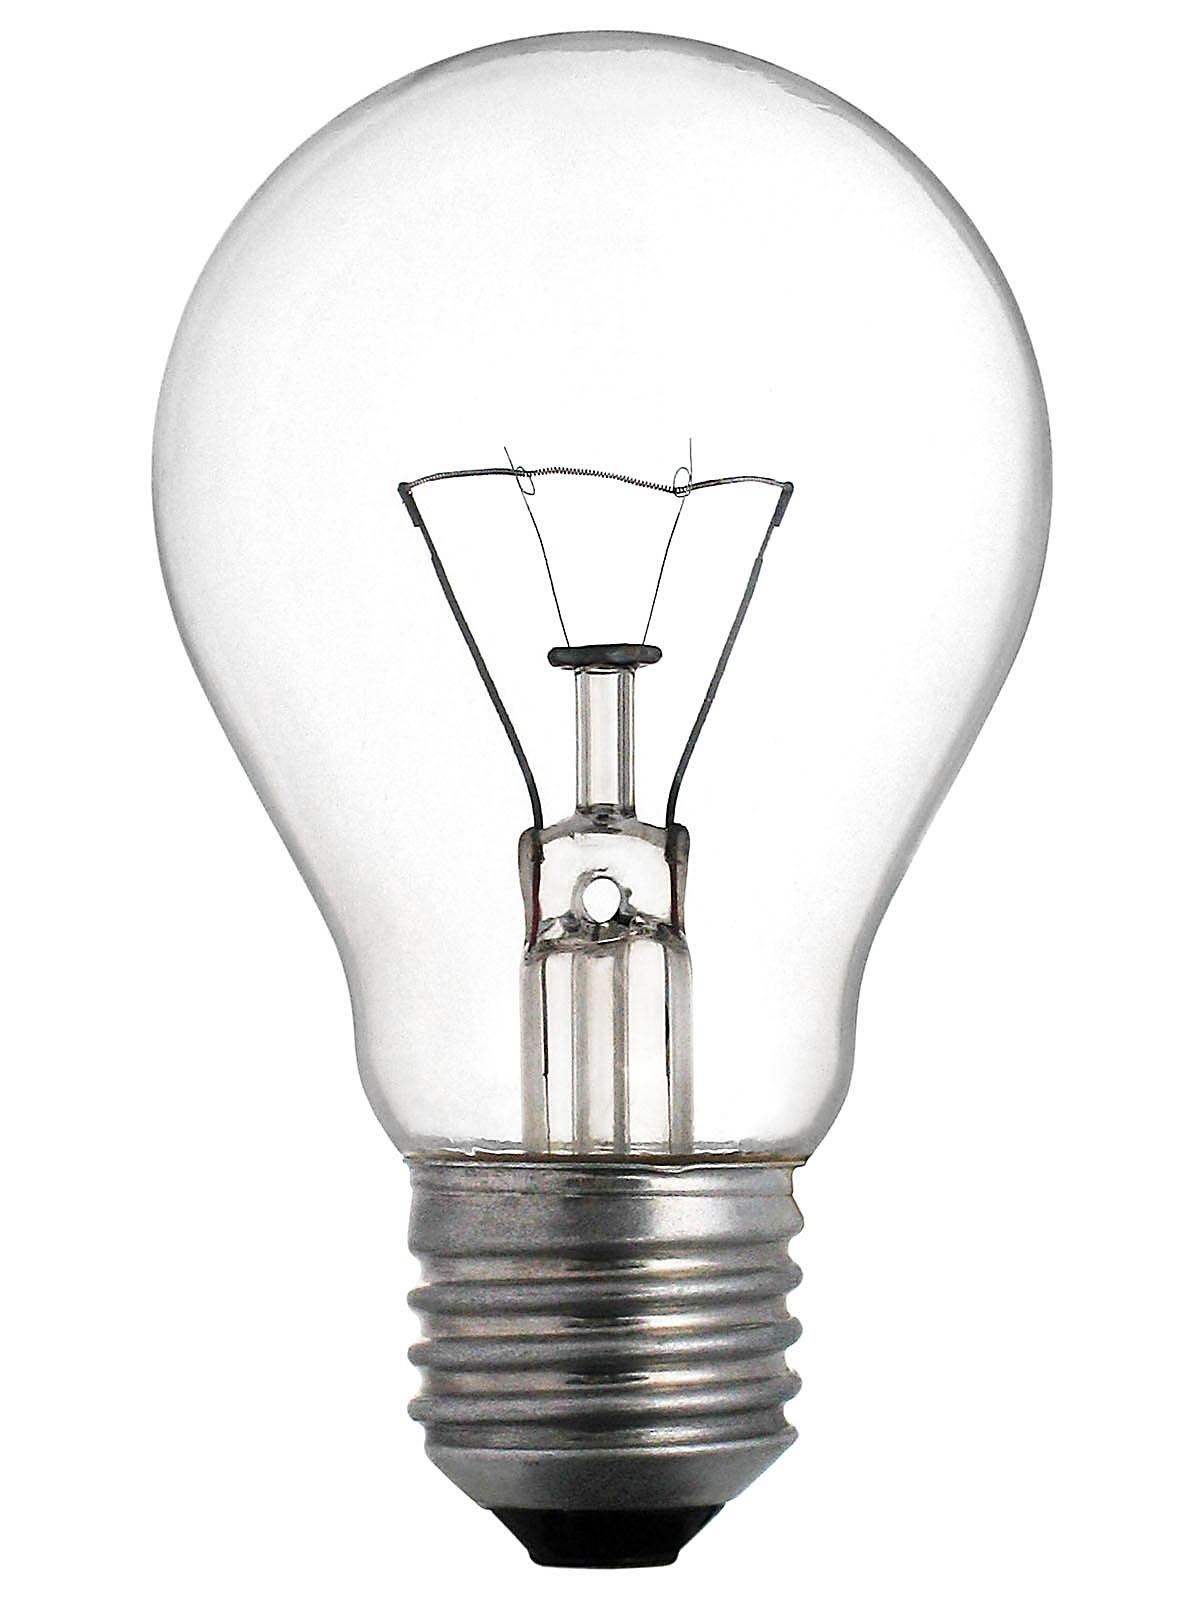 Купить Лампа накаливания 220В Е27, мощность 100 Вт — Фото №1